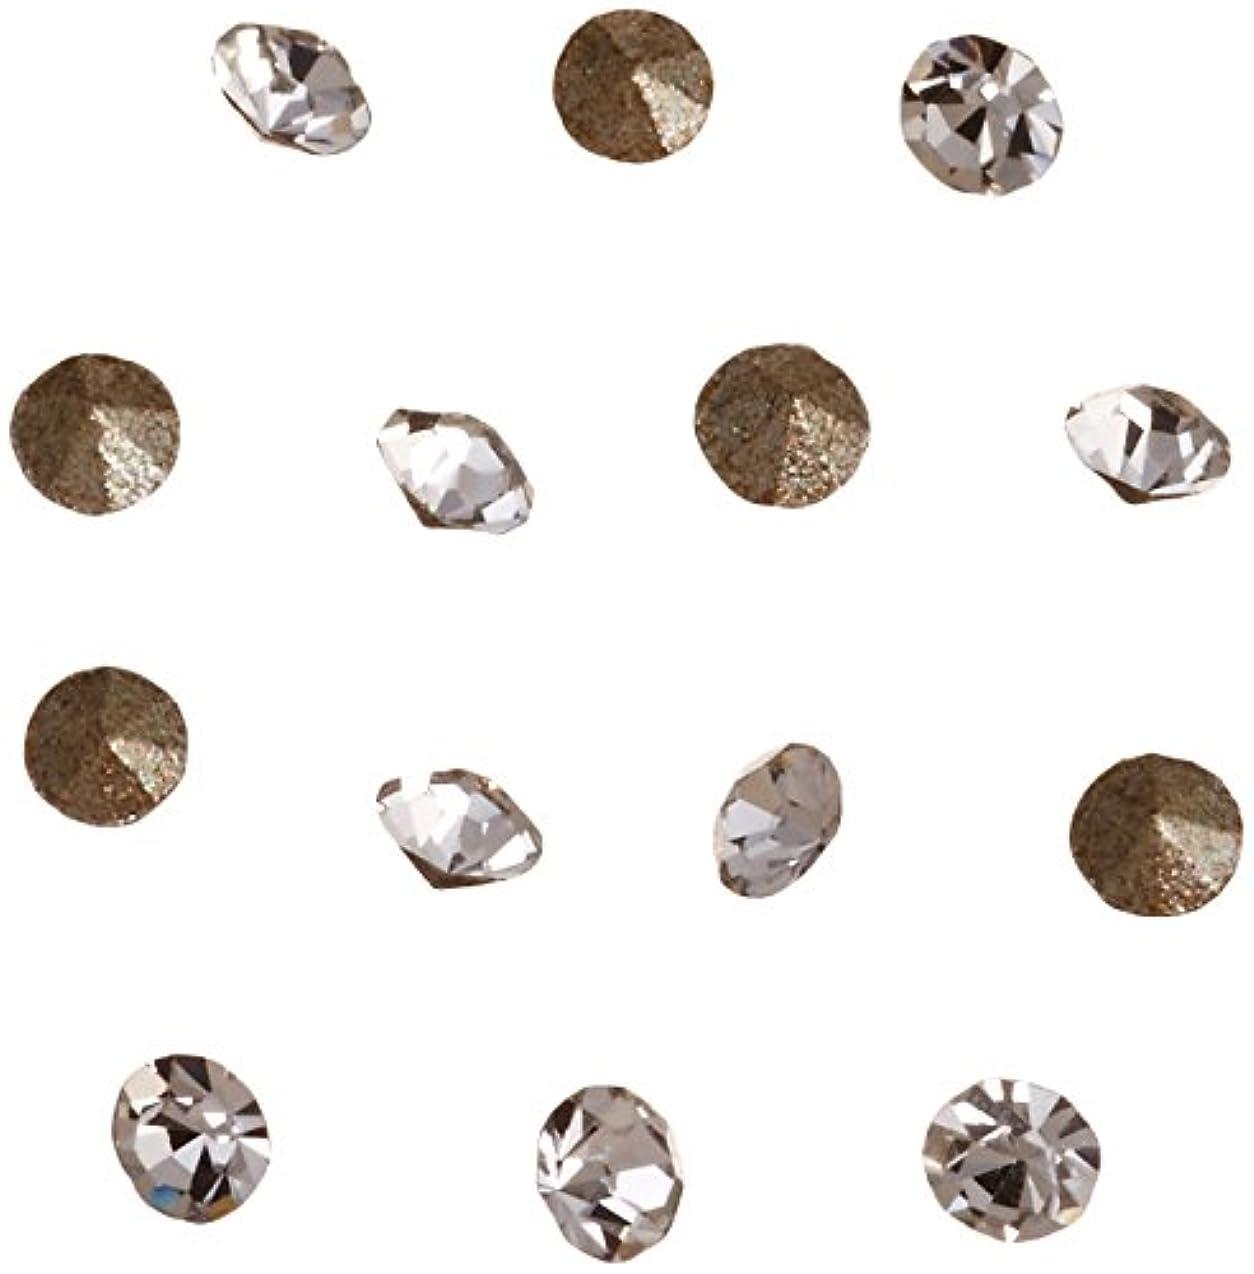 キリン追跡息切れネイルアートパーツ Vカットストーン クリスタル PP 4   約1.1~1.2mm 埋込式ラインストーン